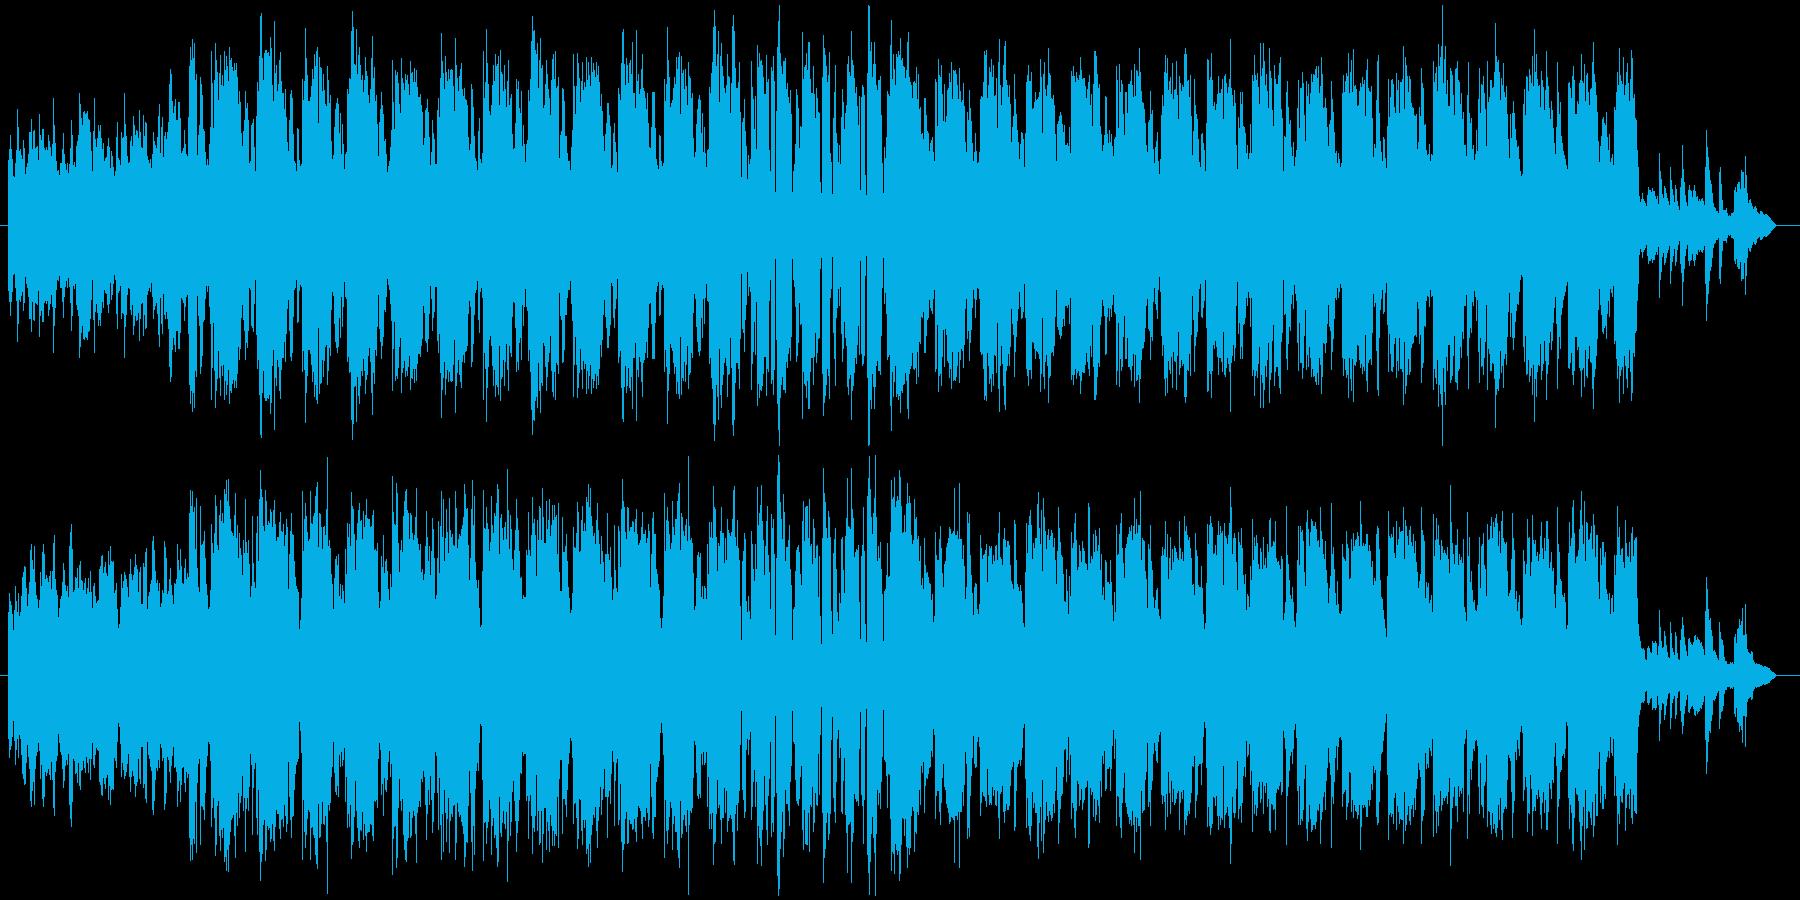 スクエアなリズムのシリアス曲の再生済みの波形